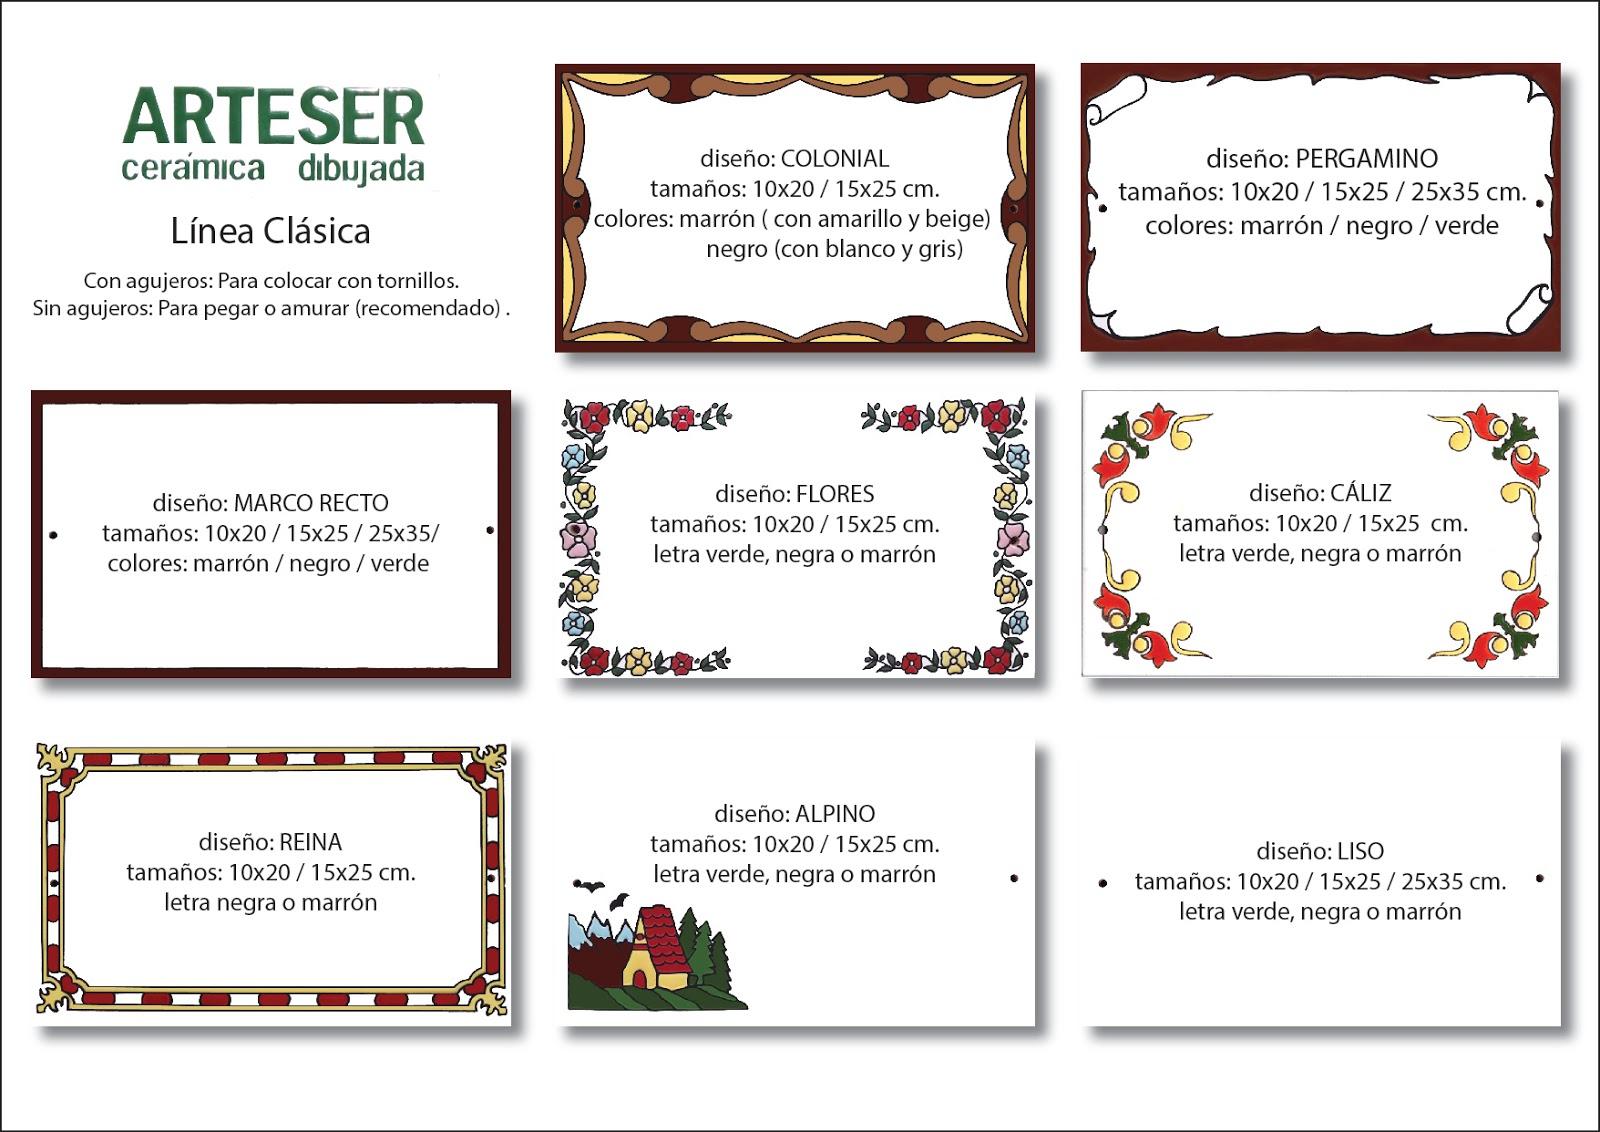 ARTESER: Diseños y tamaños